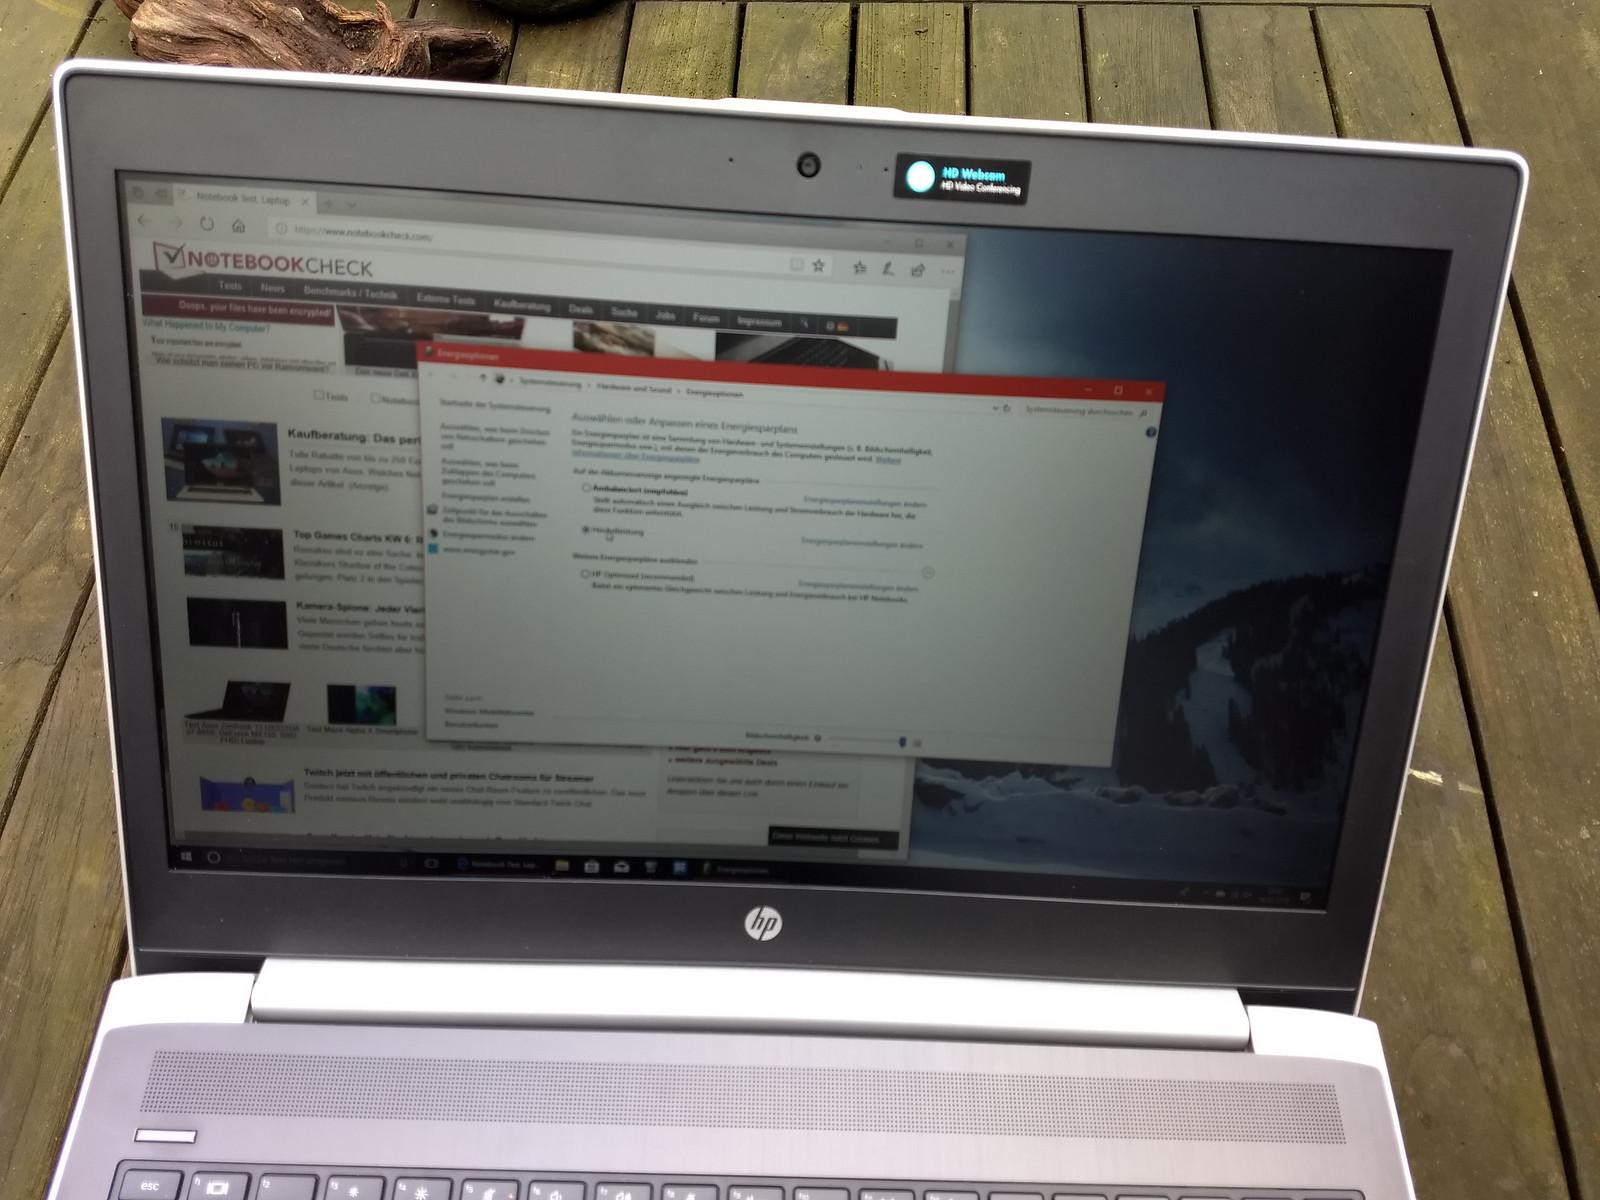 HP ProBook 450 G5 (i5-8250U, FHD) Laptop Review - NotebookCheck net